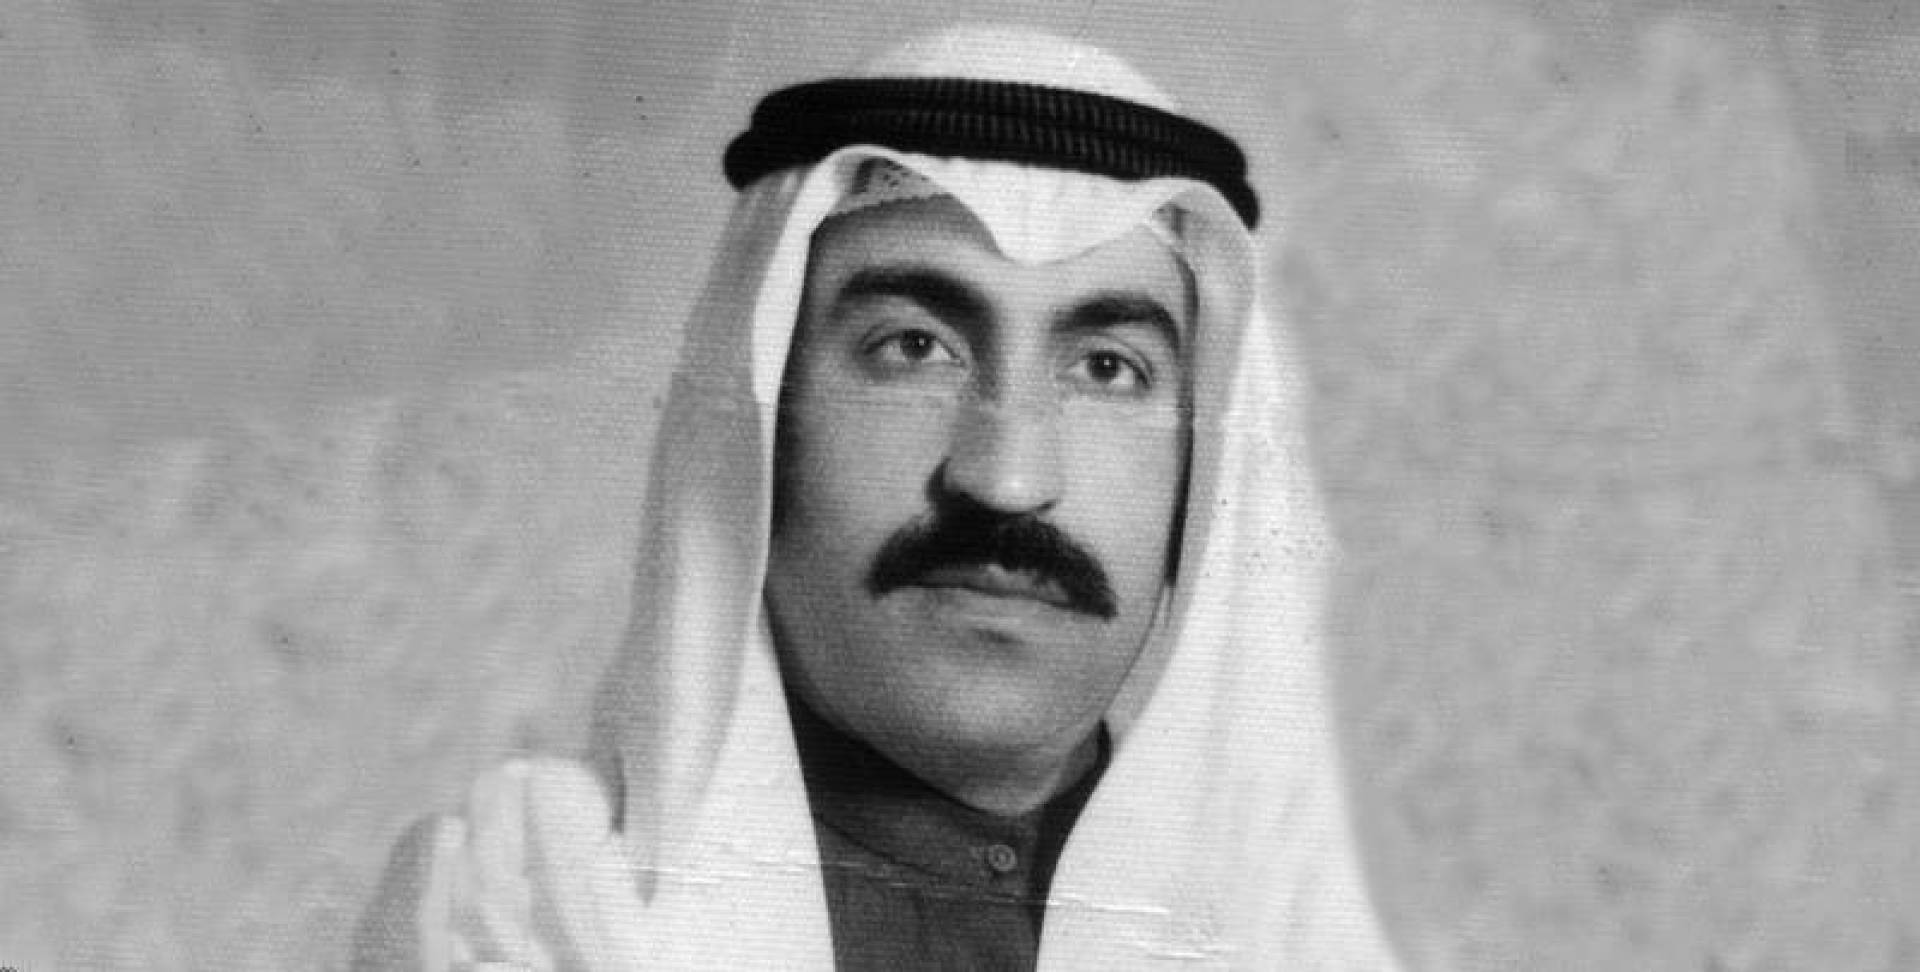 د. عبدالله مهنا سالم غانم.. أرشيفية